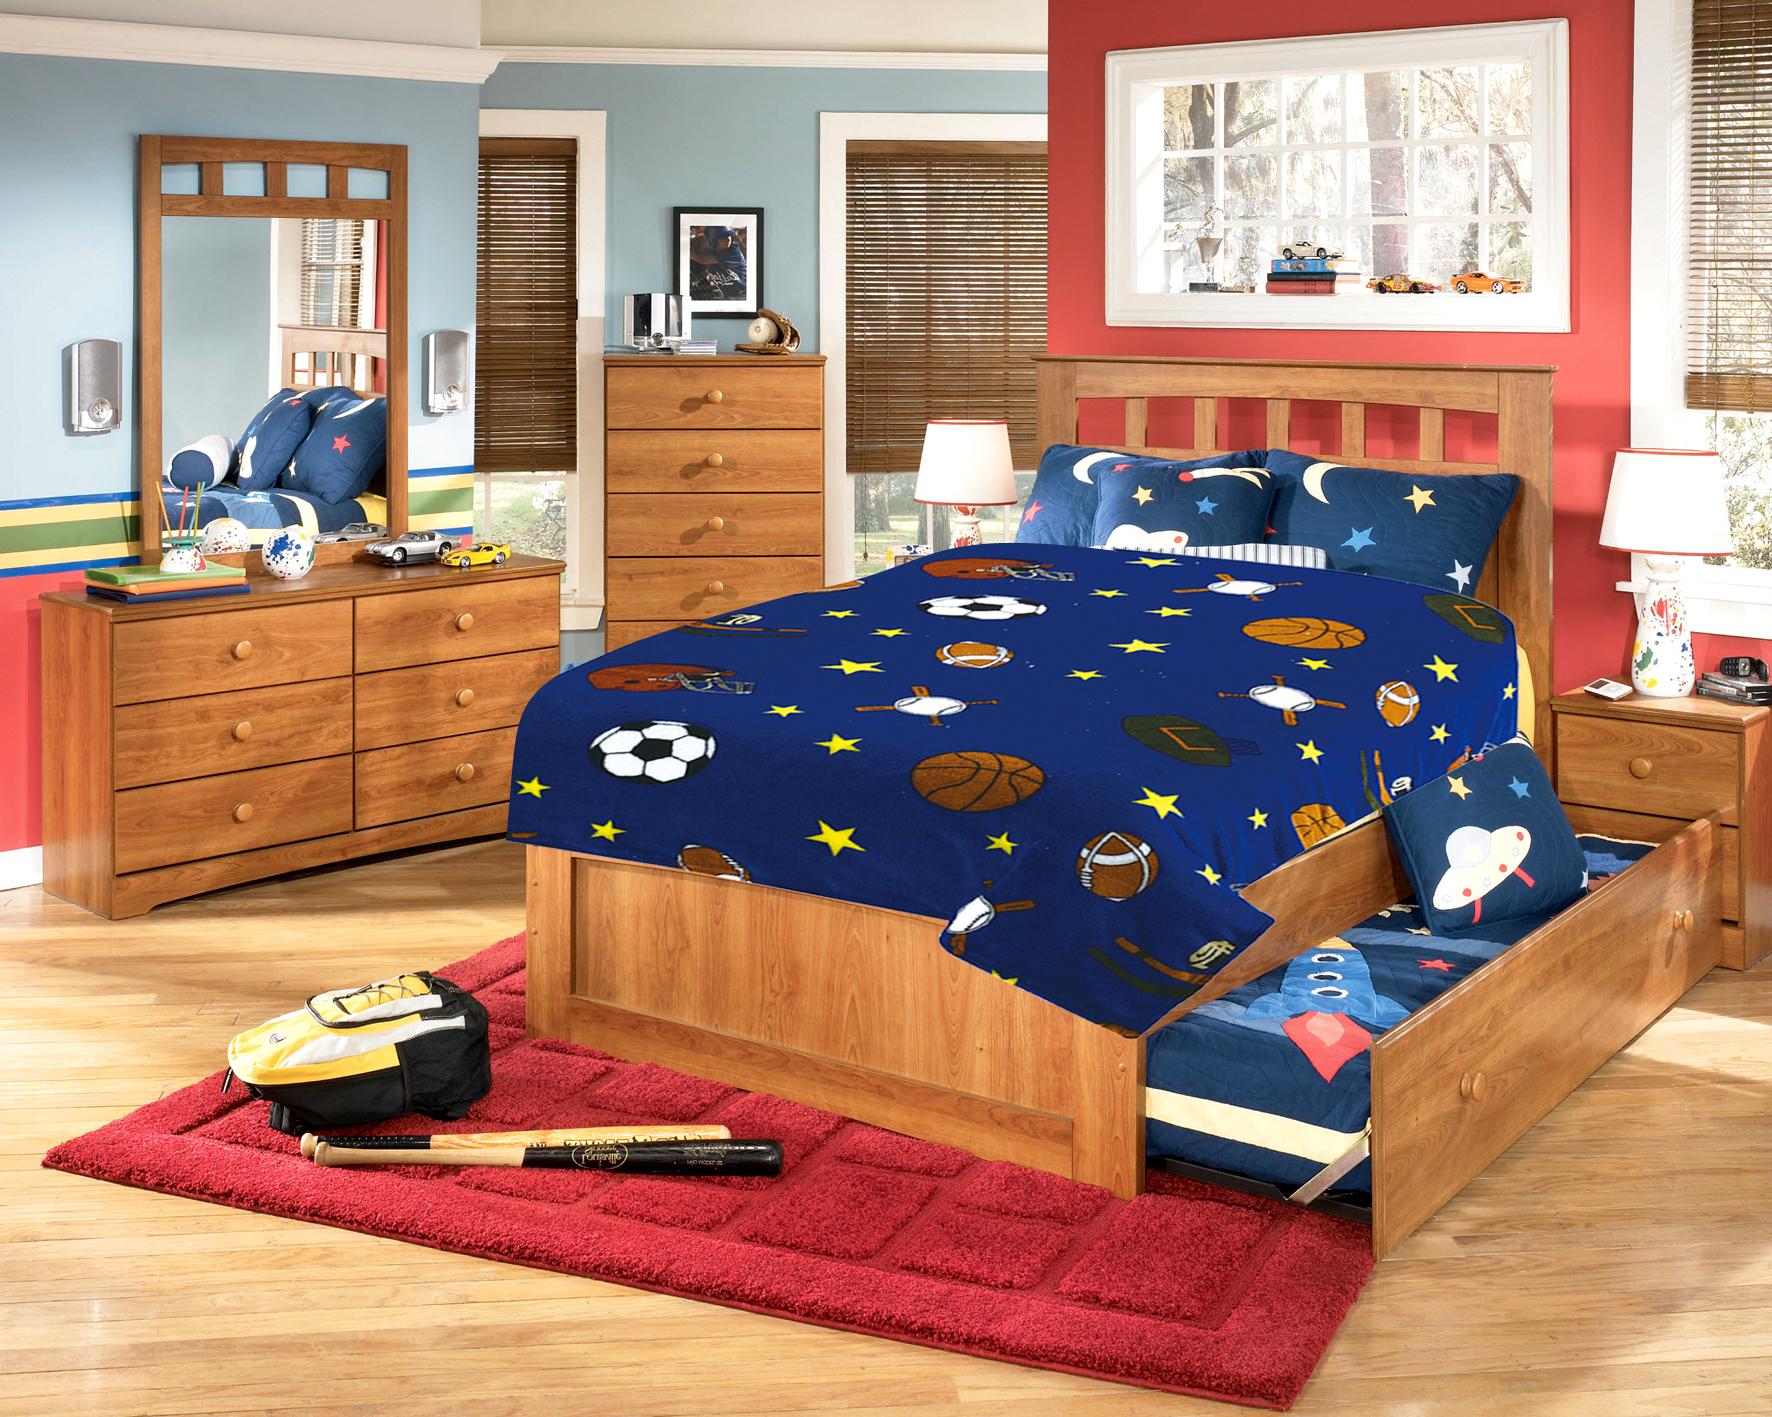 Купить Покрывала, подушки, одеяла для малышей TexRepublic, Детский плед Мячи (110х140 см), Китай, Синий, Микрофибра